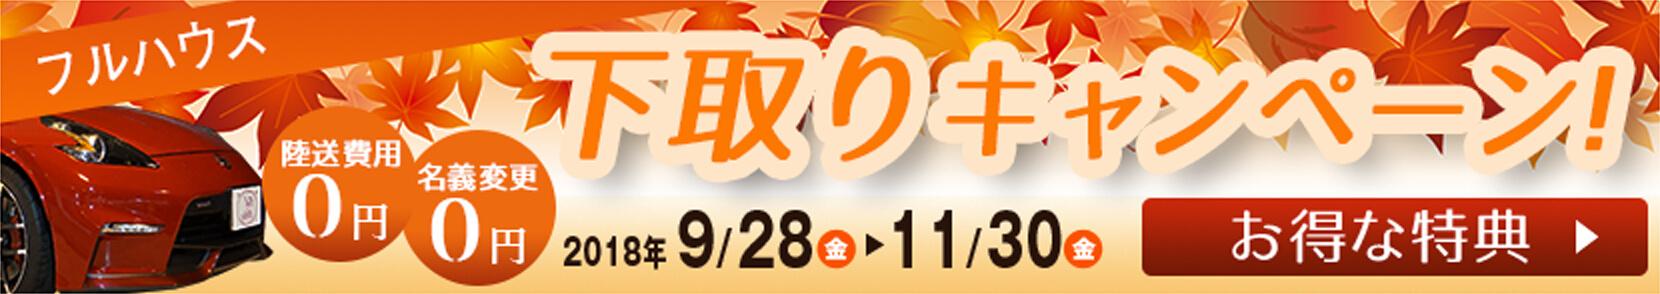 フルハウス 下取りキャンペーン 2018/9/28(金)~11/30(金) 陸送費用&名義変更 0円 お得な特典、お見逃しなく!